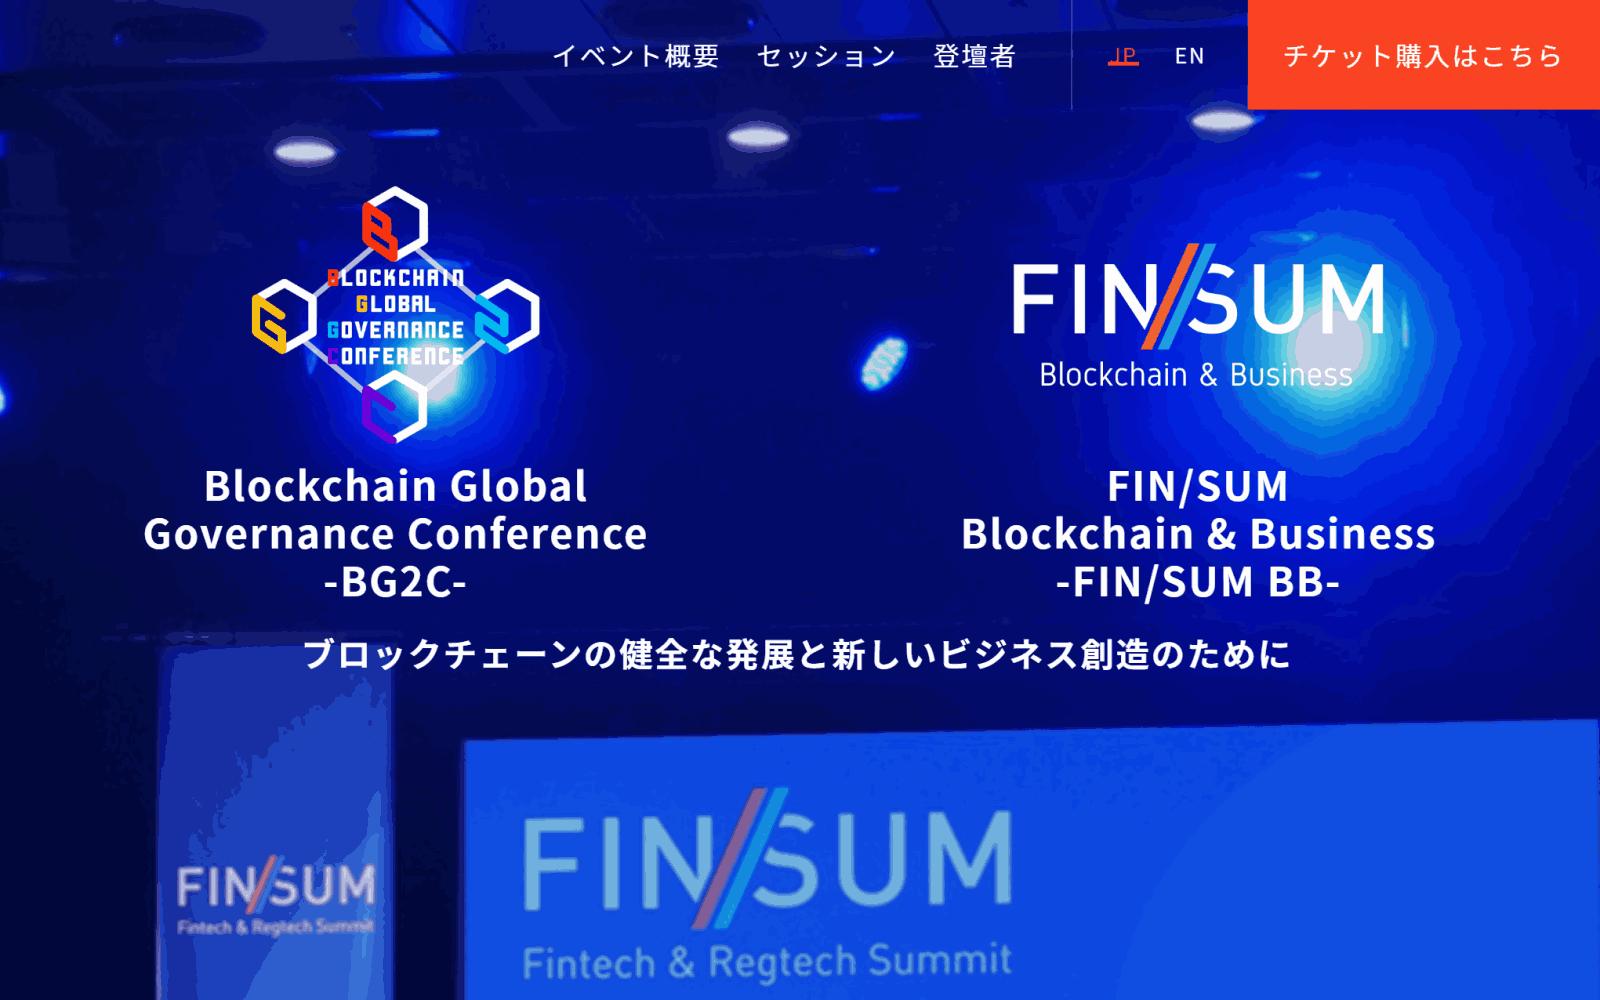 [プレスリリース]ブロックチェーン・サミット開催について